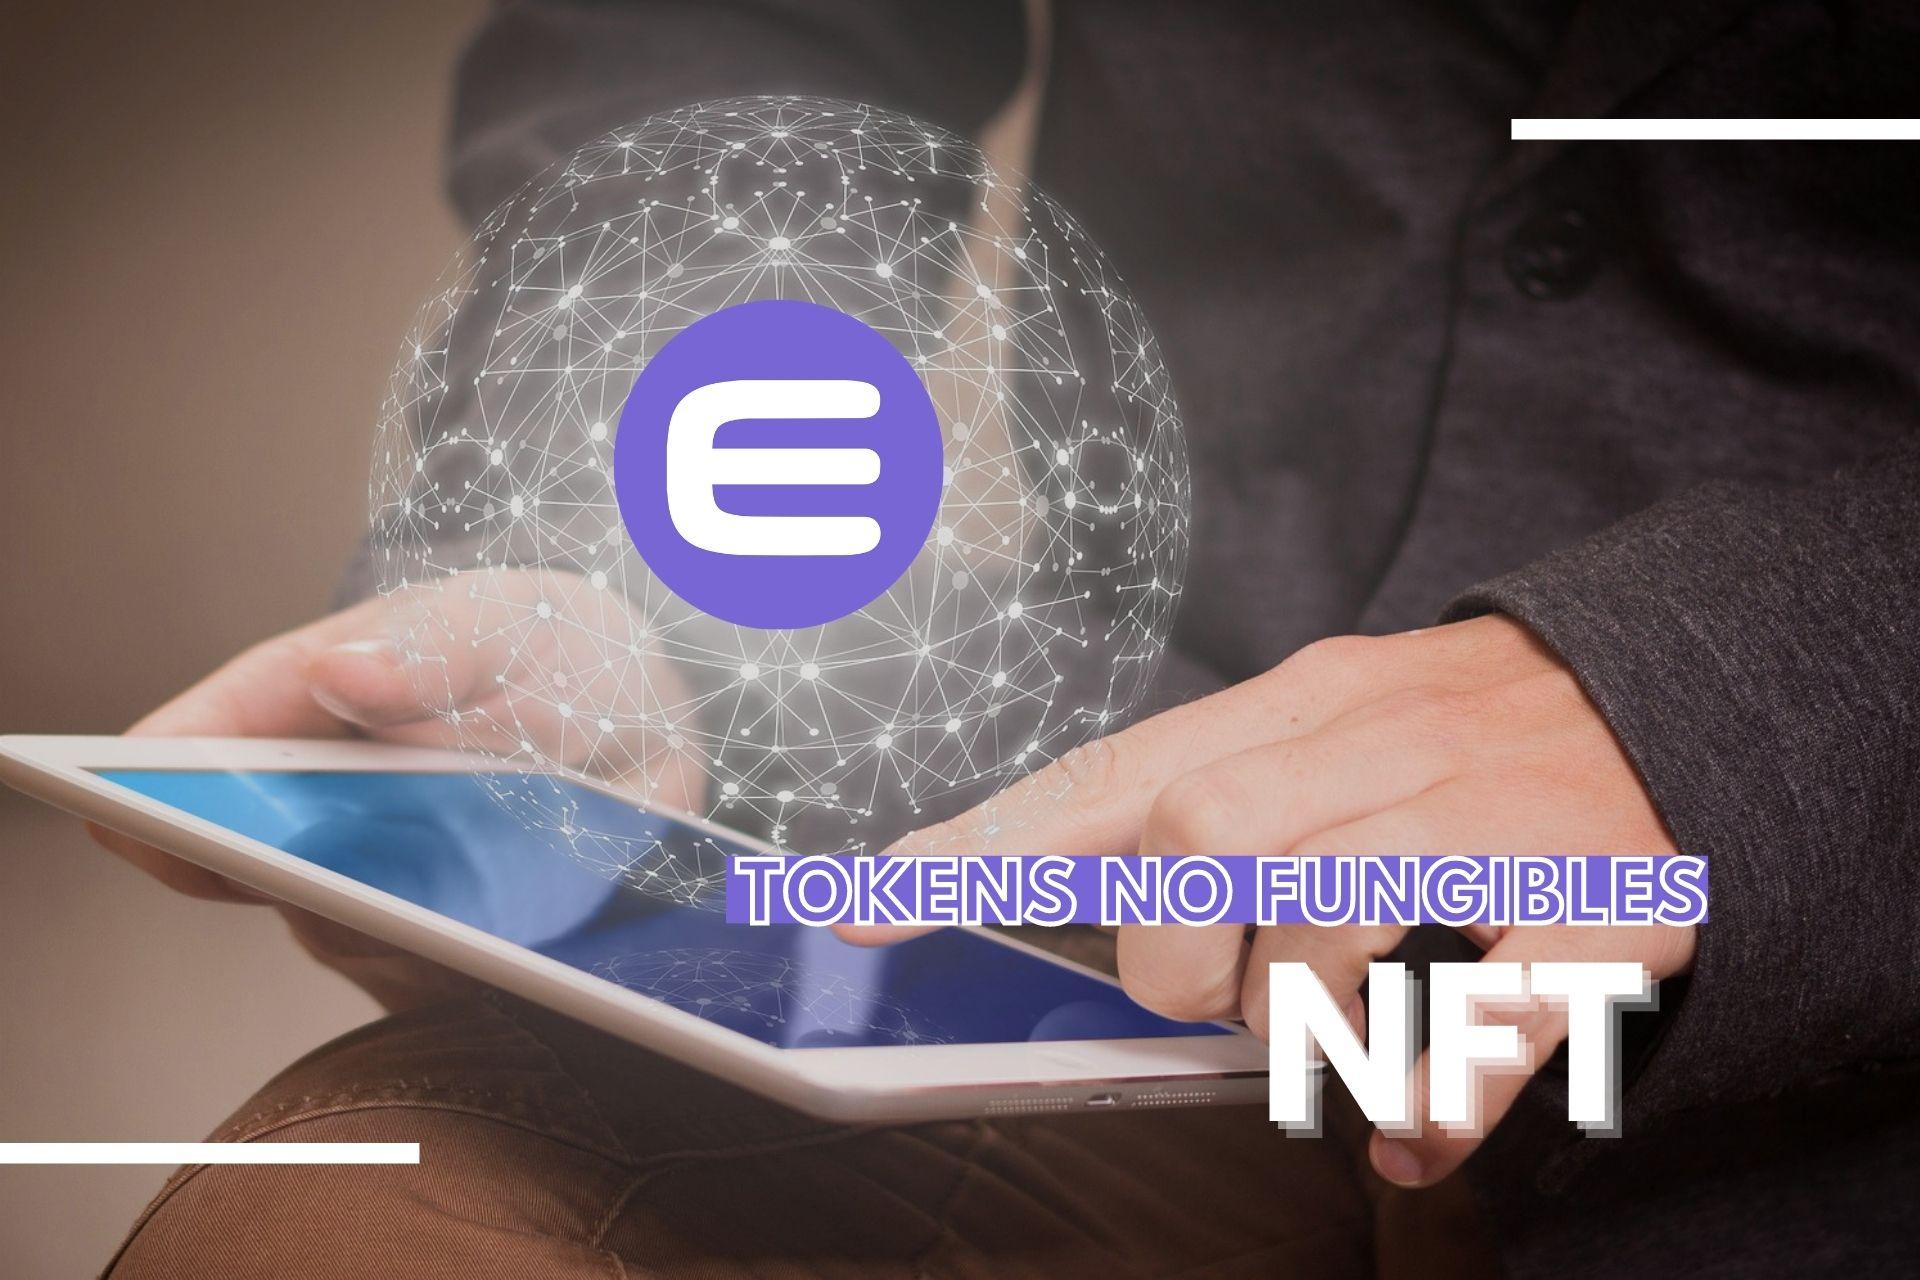 Más de 50 proyectos se han unido a JumpNet, una nueva blockchain creada por Enjin enfocada en los NFT sin tarifas de transacción y con menor consumo de energía